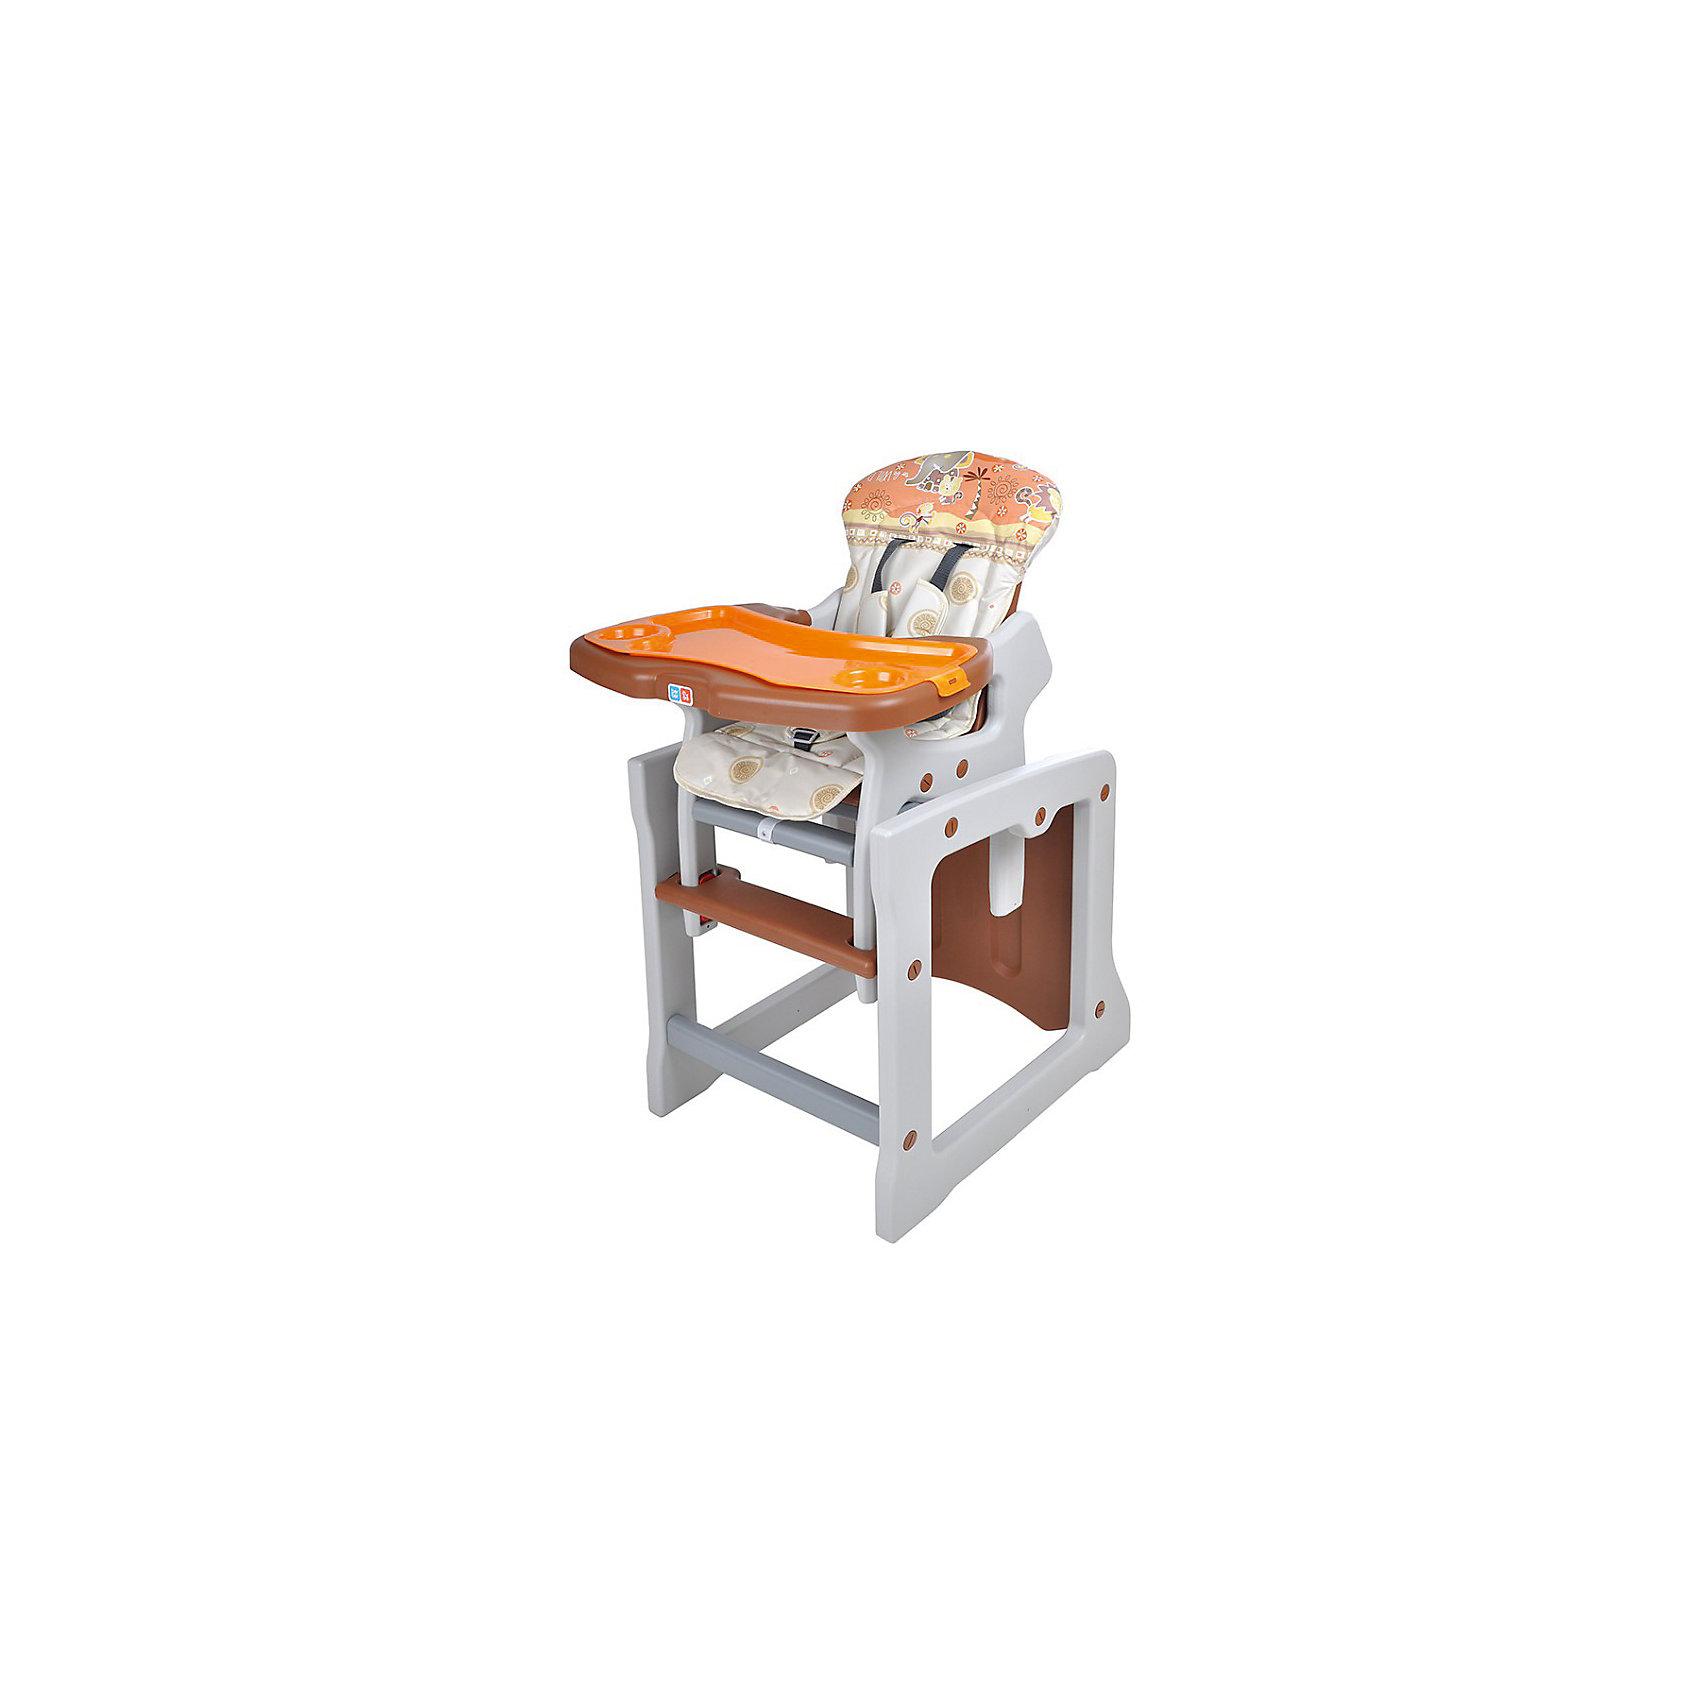 Стульчик-трансформер TIESTO, Ber Berтрансформеры<br>Яркий и удобный стульчик-трансформер TIESTO позволит посадить ребенка, не беспокоясь при этом о его безопасности. Яркий цвет изделия привлечет внимание малыша. Эта модель очень удобна: стул можно применять как для кормления, так и использовать как игровой столик. На нем - двойная съемная столешница с регулируемым расстоянием от сиденья и двухступенчатая регулировка наклона спинки сиденья, а также пятиточечные регулируемые ремни безопасности.<br>Обивка столика устойчива к загрязнениям и легко чистится! Конструкция  - очень устойчивая. Изделие произведено из качественных и безопасных для малышей материалов, оно соответствуют всем современным требованиям безопасности.<br> <br>Дополнительная информация:<br><br>цвет: разноцветный;<br>двойная съемная столешница с регулируемым расстоянием от сиденья;<br>2-х ступенчатая регулировка наклона спинки сиденья;<br>5-точечные регулируемые ремни безопасности;<br>обивка устойчива к загрязнениям и легко чистится;<br>возраст: от 0,5 до 3 лет;<br>размер в разложенном состоянии: 55x107x50 см;<br>вес: 8,1 кг.<br><br>Стульчик-трансформер TIESTO от компании Ber Ber можно купить в нашем магазине.<br><br>Ширина мм: 1030<br>Глубина мм: 390<br>Высота мм: 730<br>Вес г: 8100<br>Возраст от месяцев: 6<br>Возраст до месяцев: 36<br>Пол: Унисекс<br>Возраст: Детский<br>SKU: 4720012